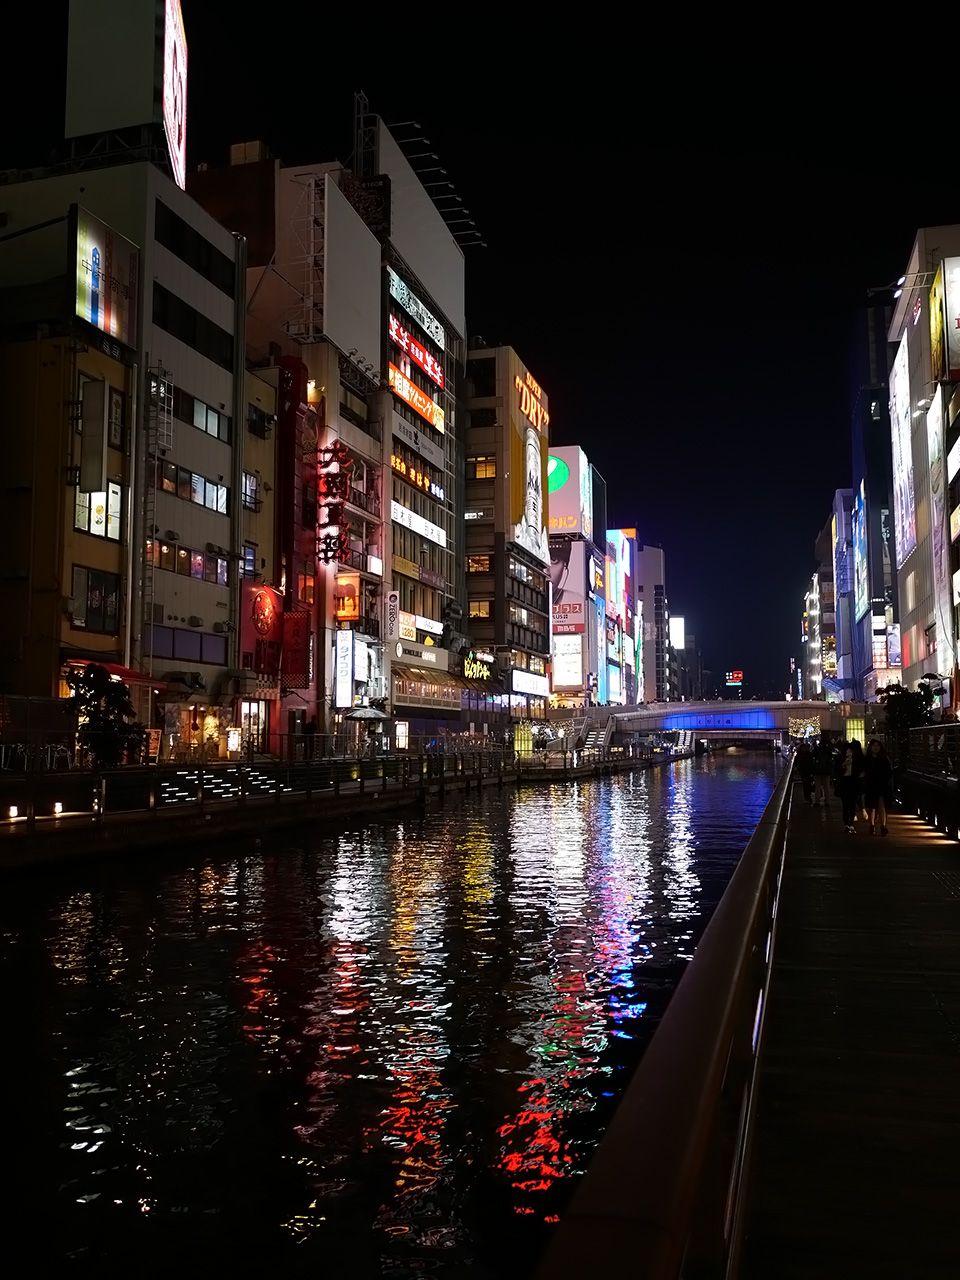 ゆっくりと12月のあかりが灯りはじめ 慌ただしく踊る街を誰もが好きになる